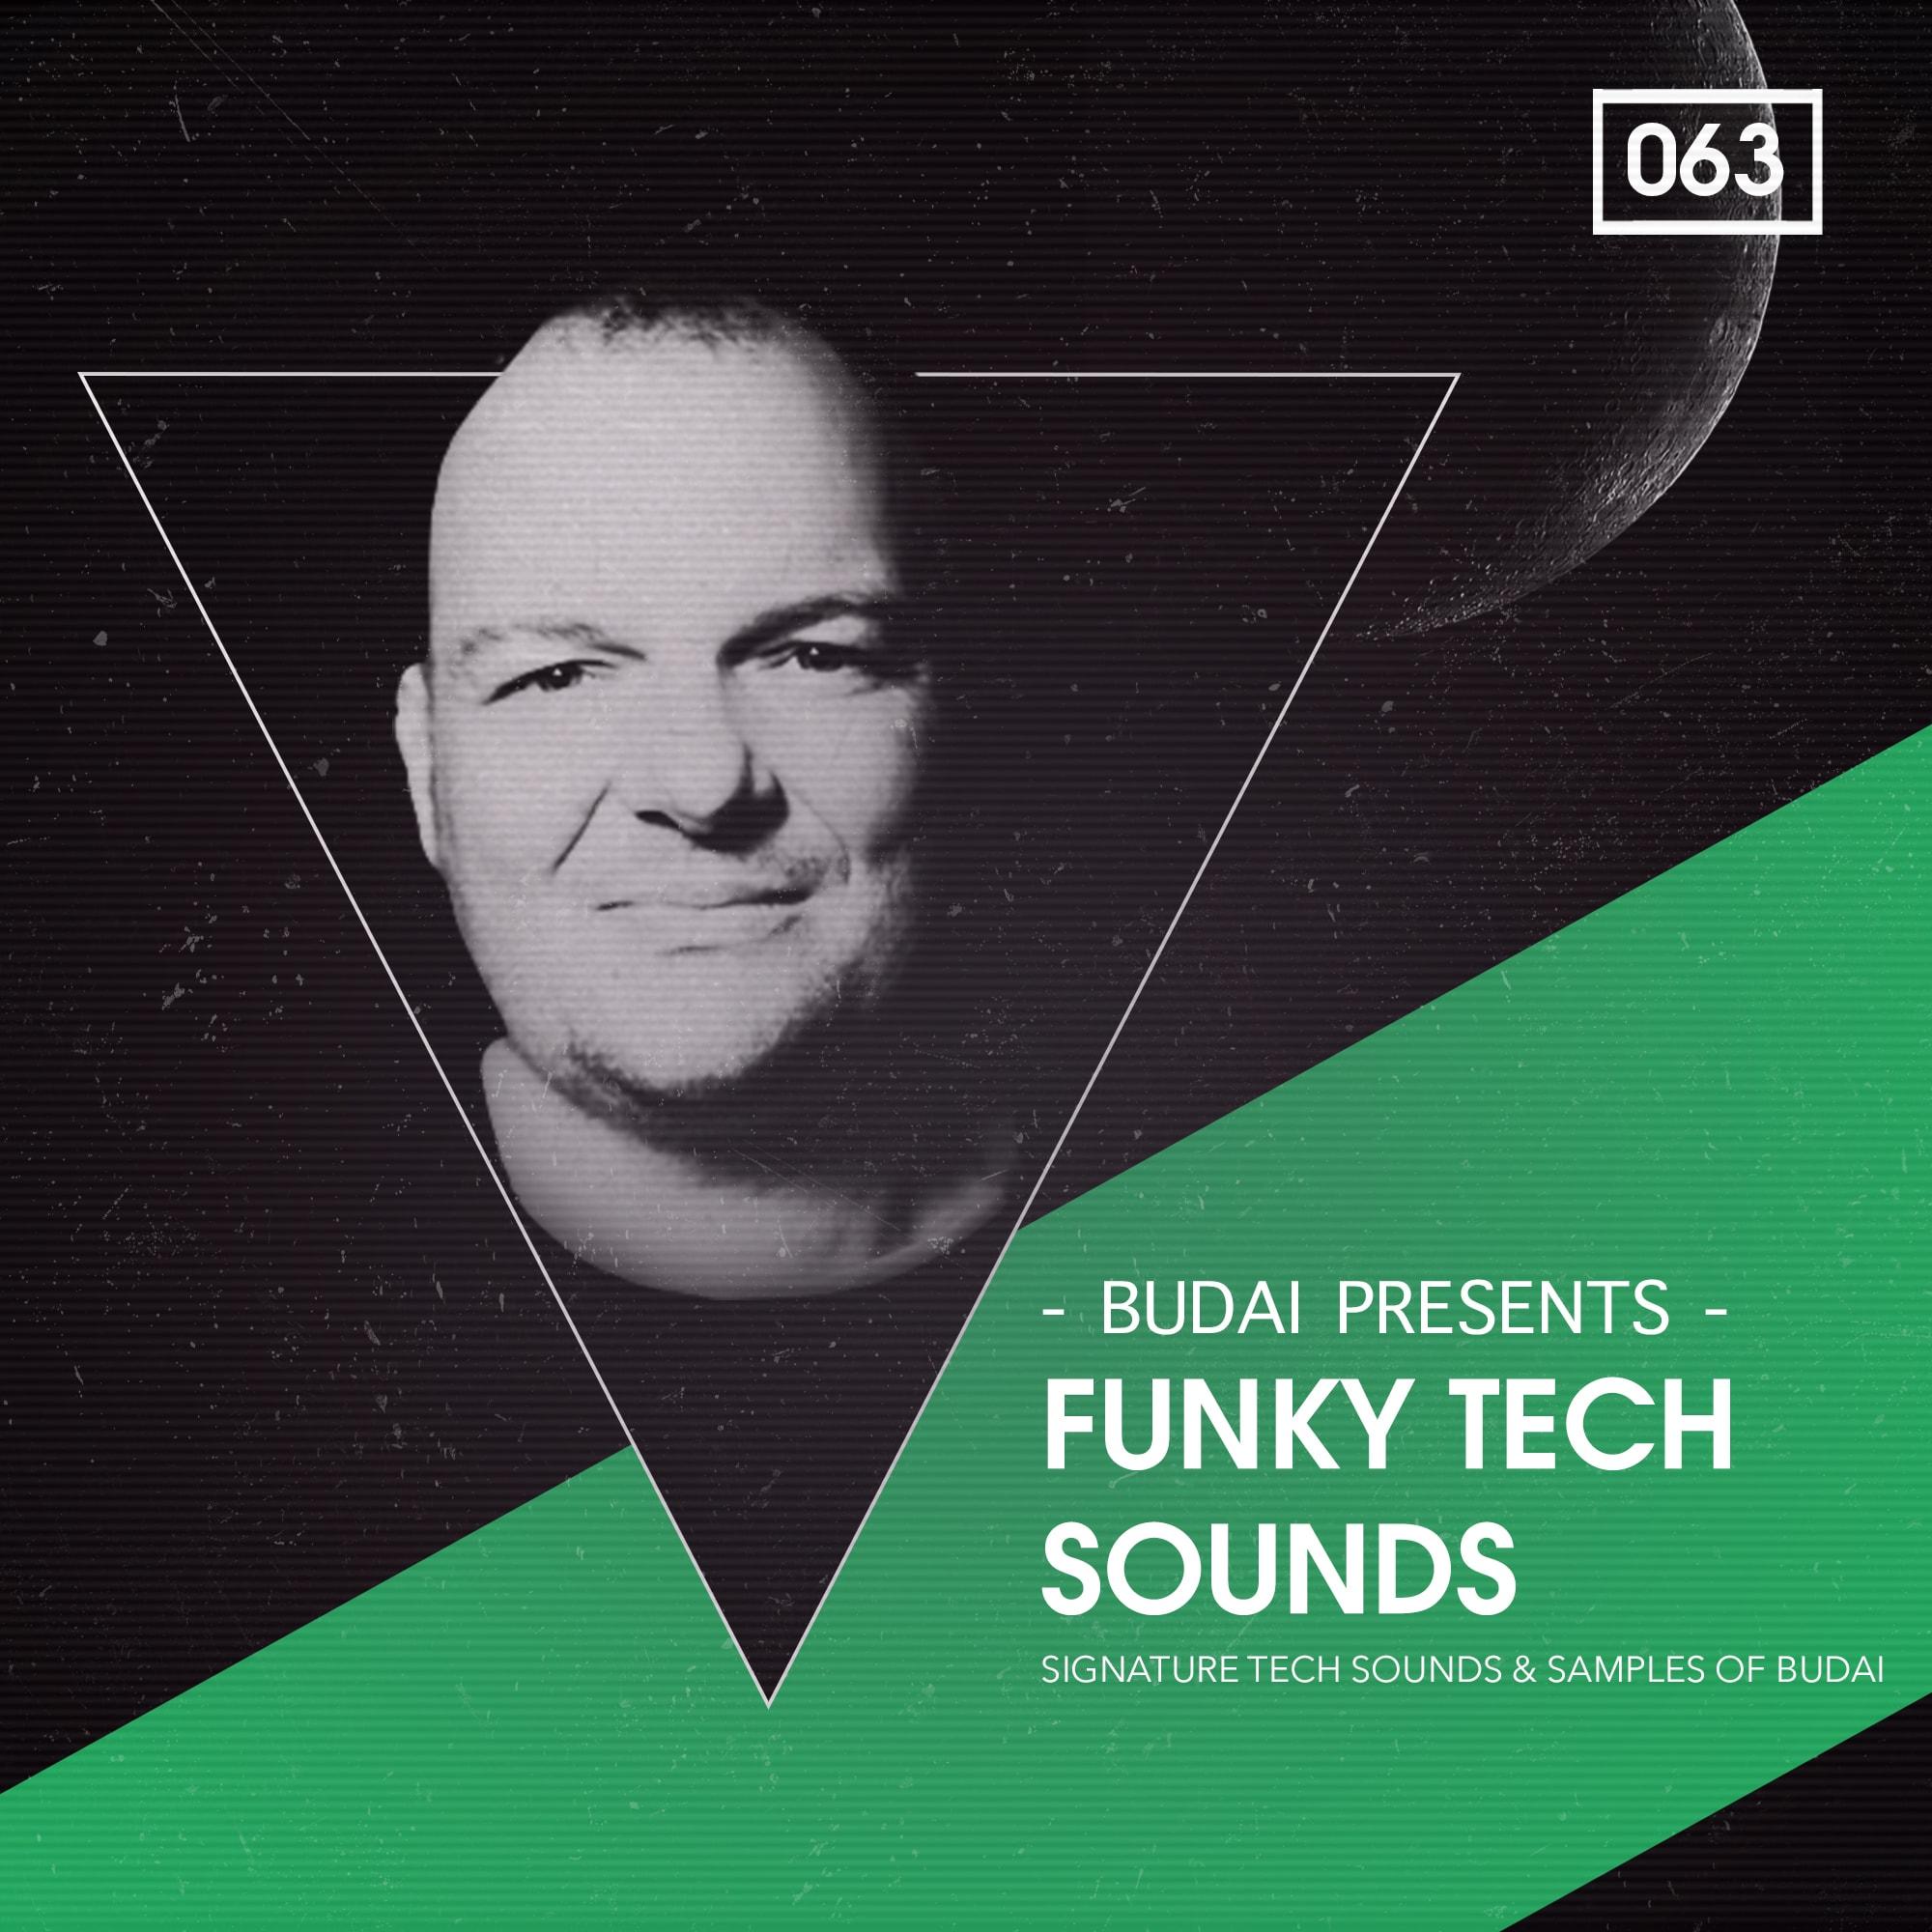 Bingoshakerz Budai Presents Funky Tech Sounds